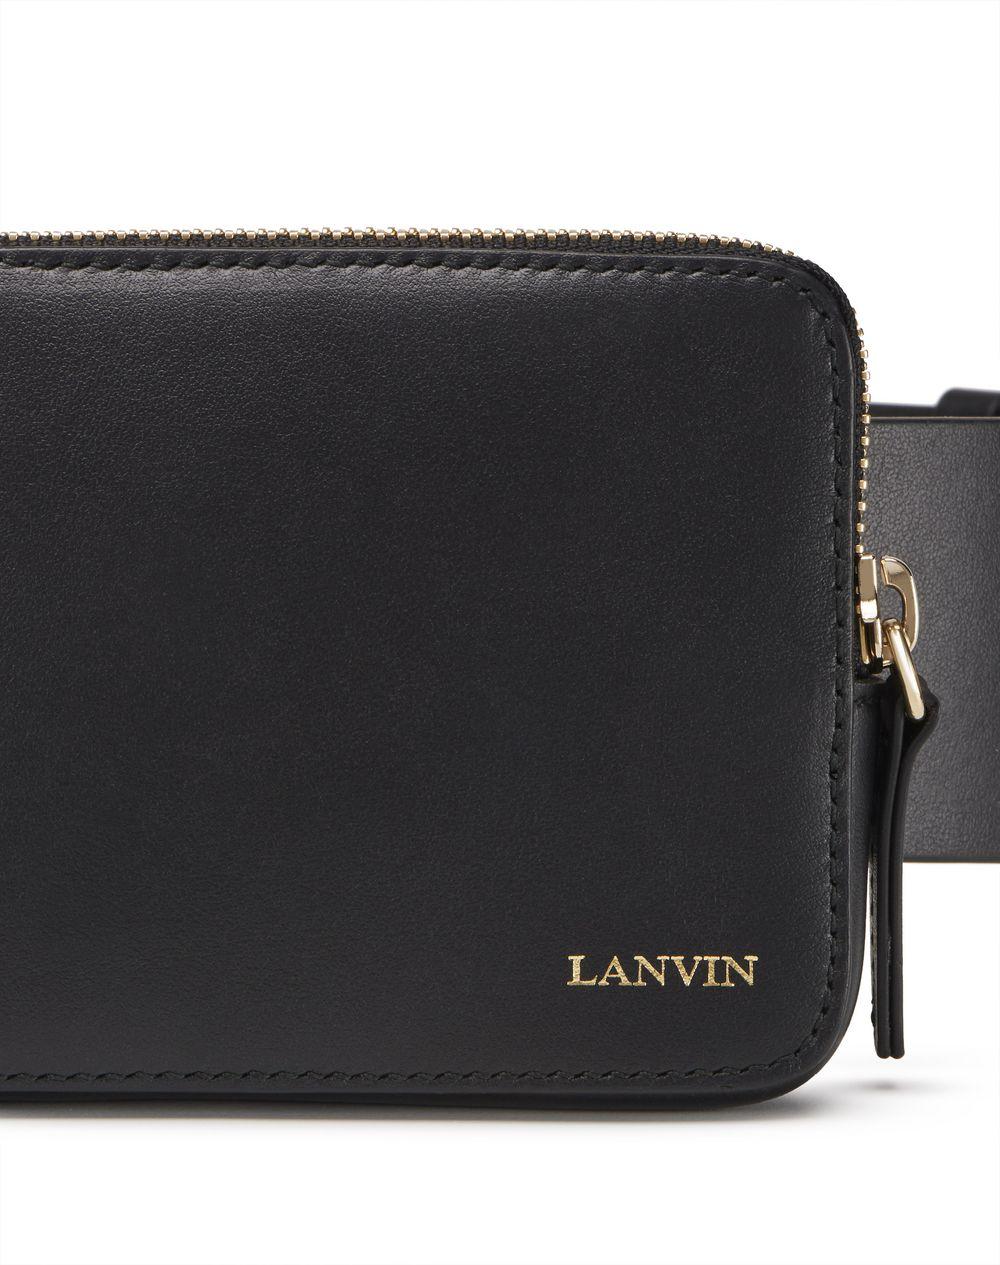 BLACK SMARTPHONE BELT - Lanvin